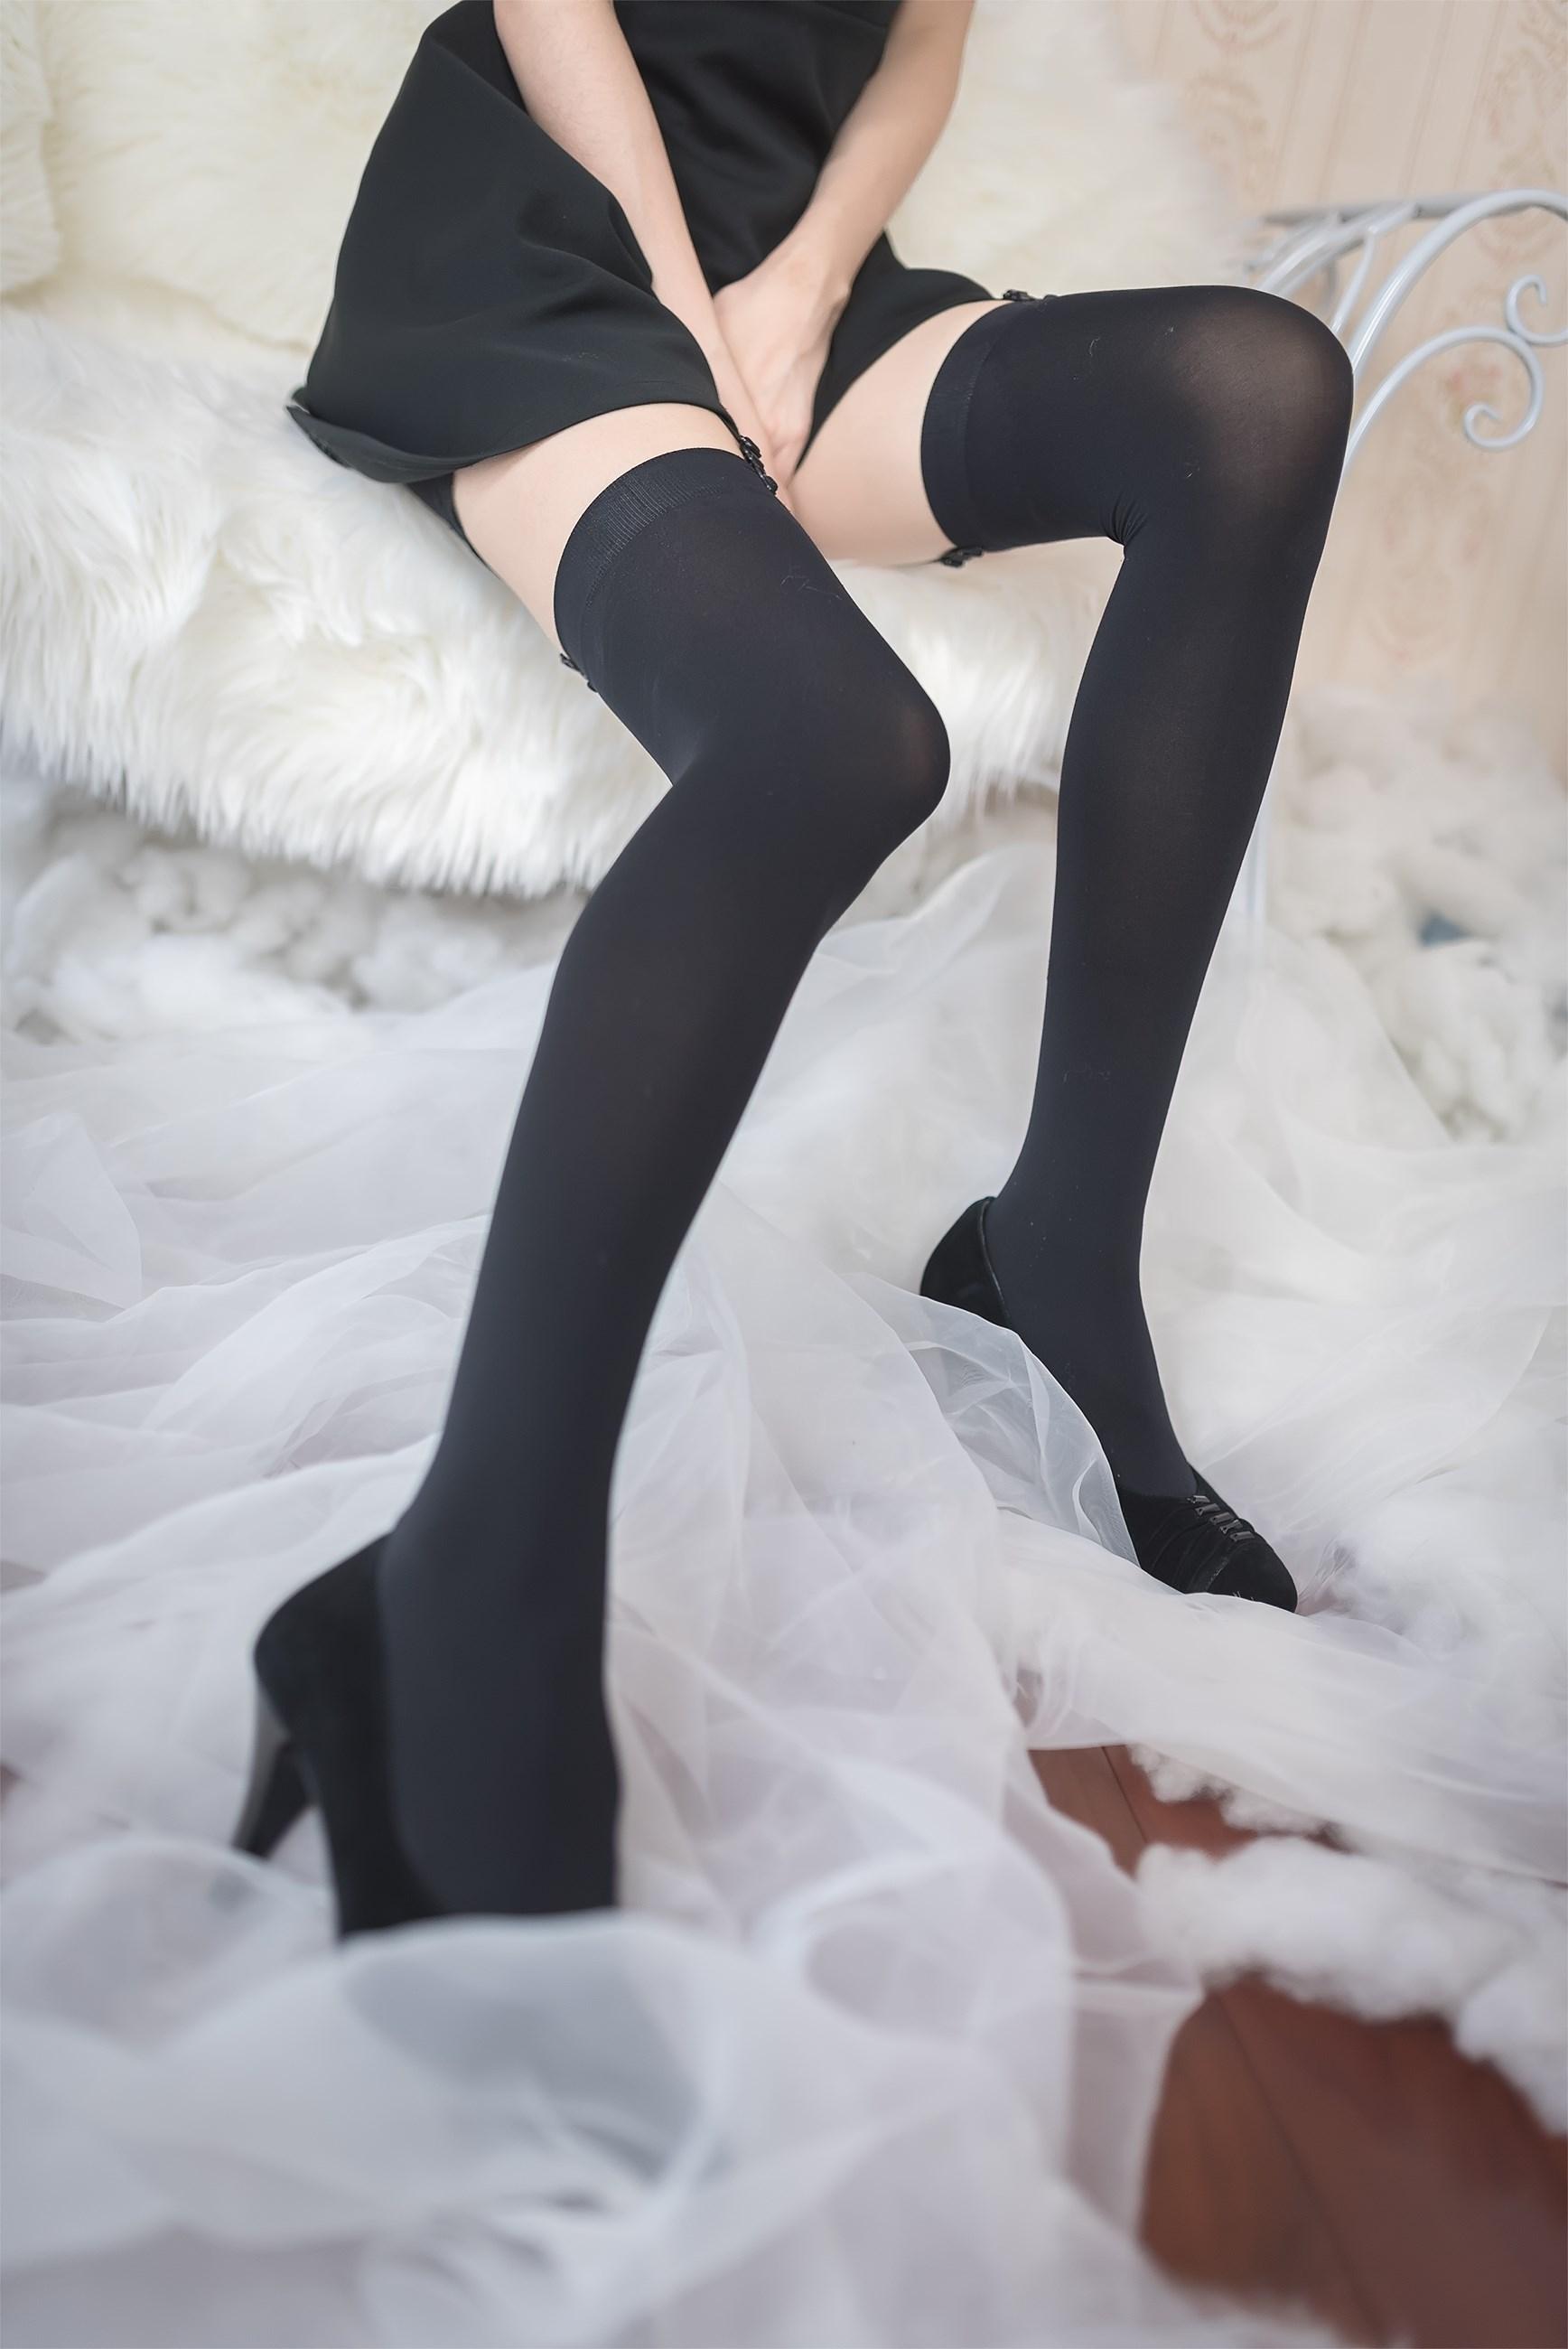 【兔玩映画】吊带 · 丝袜 · 天使 兔玩映画 第29张